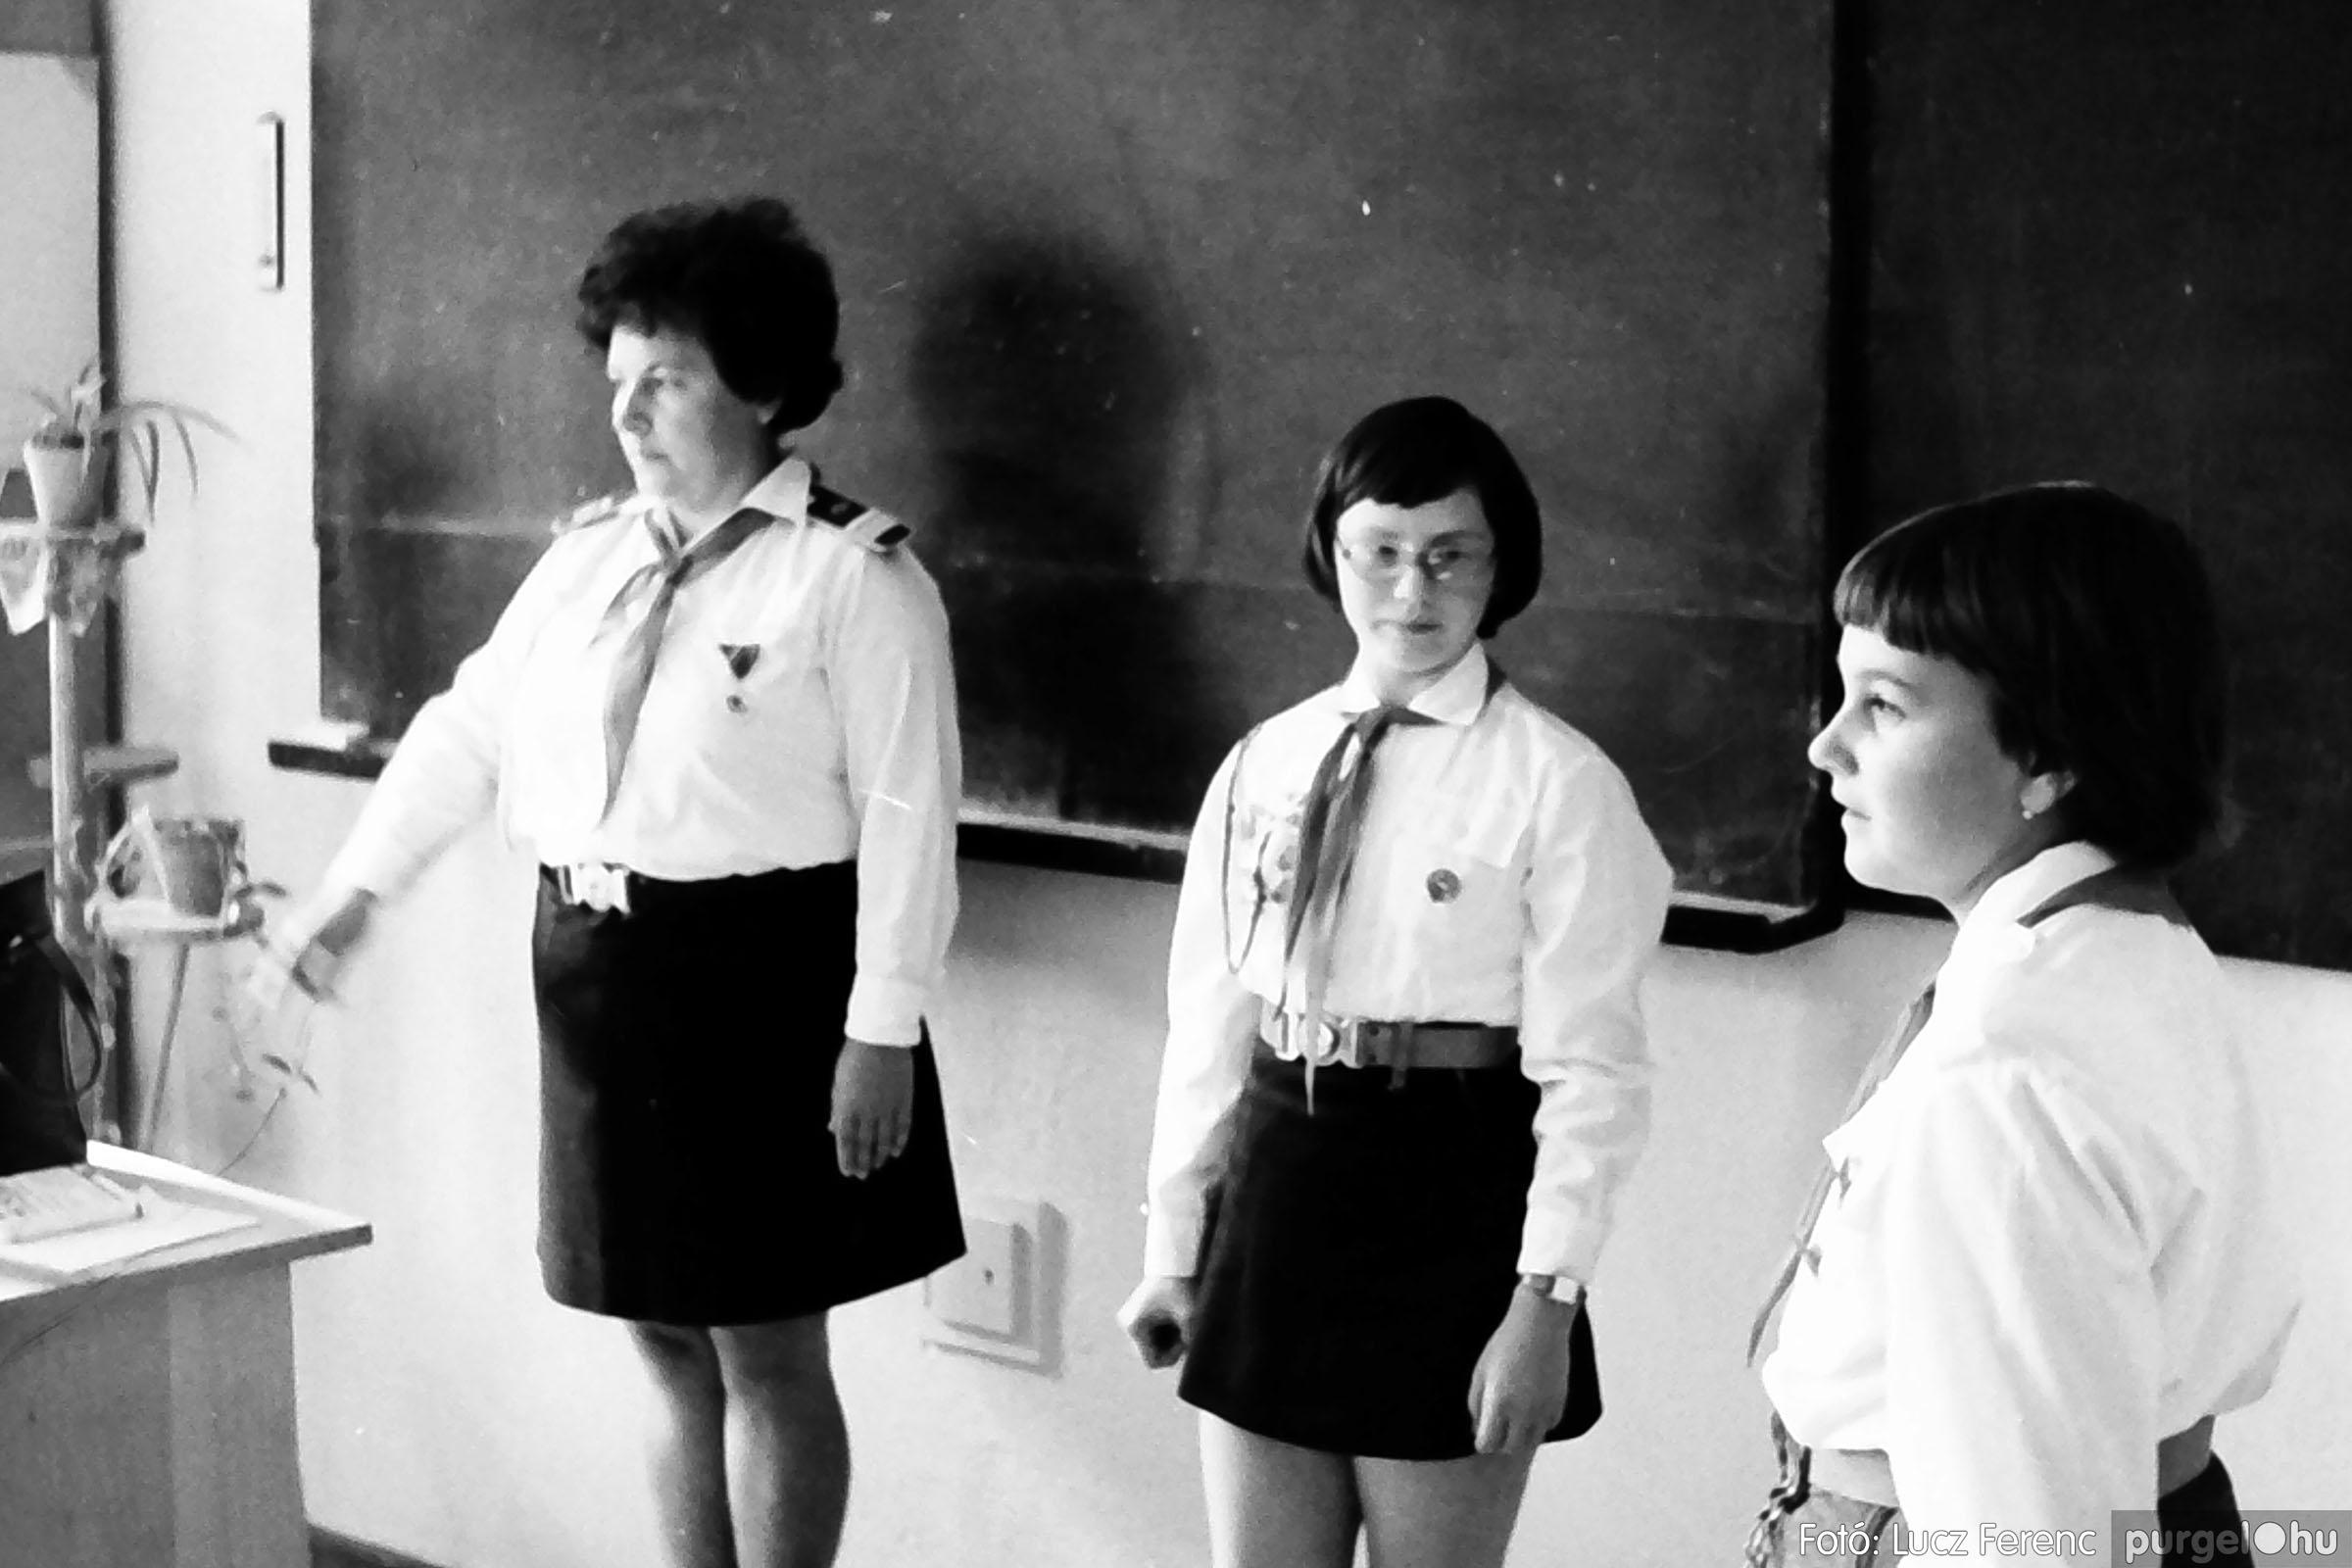 1975. - 21. negatív 006 - Fotó: Lucz Ferenc - IMG00127q.jpg